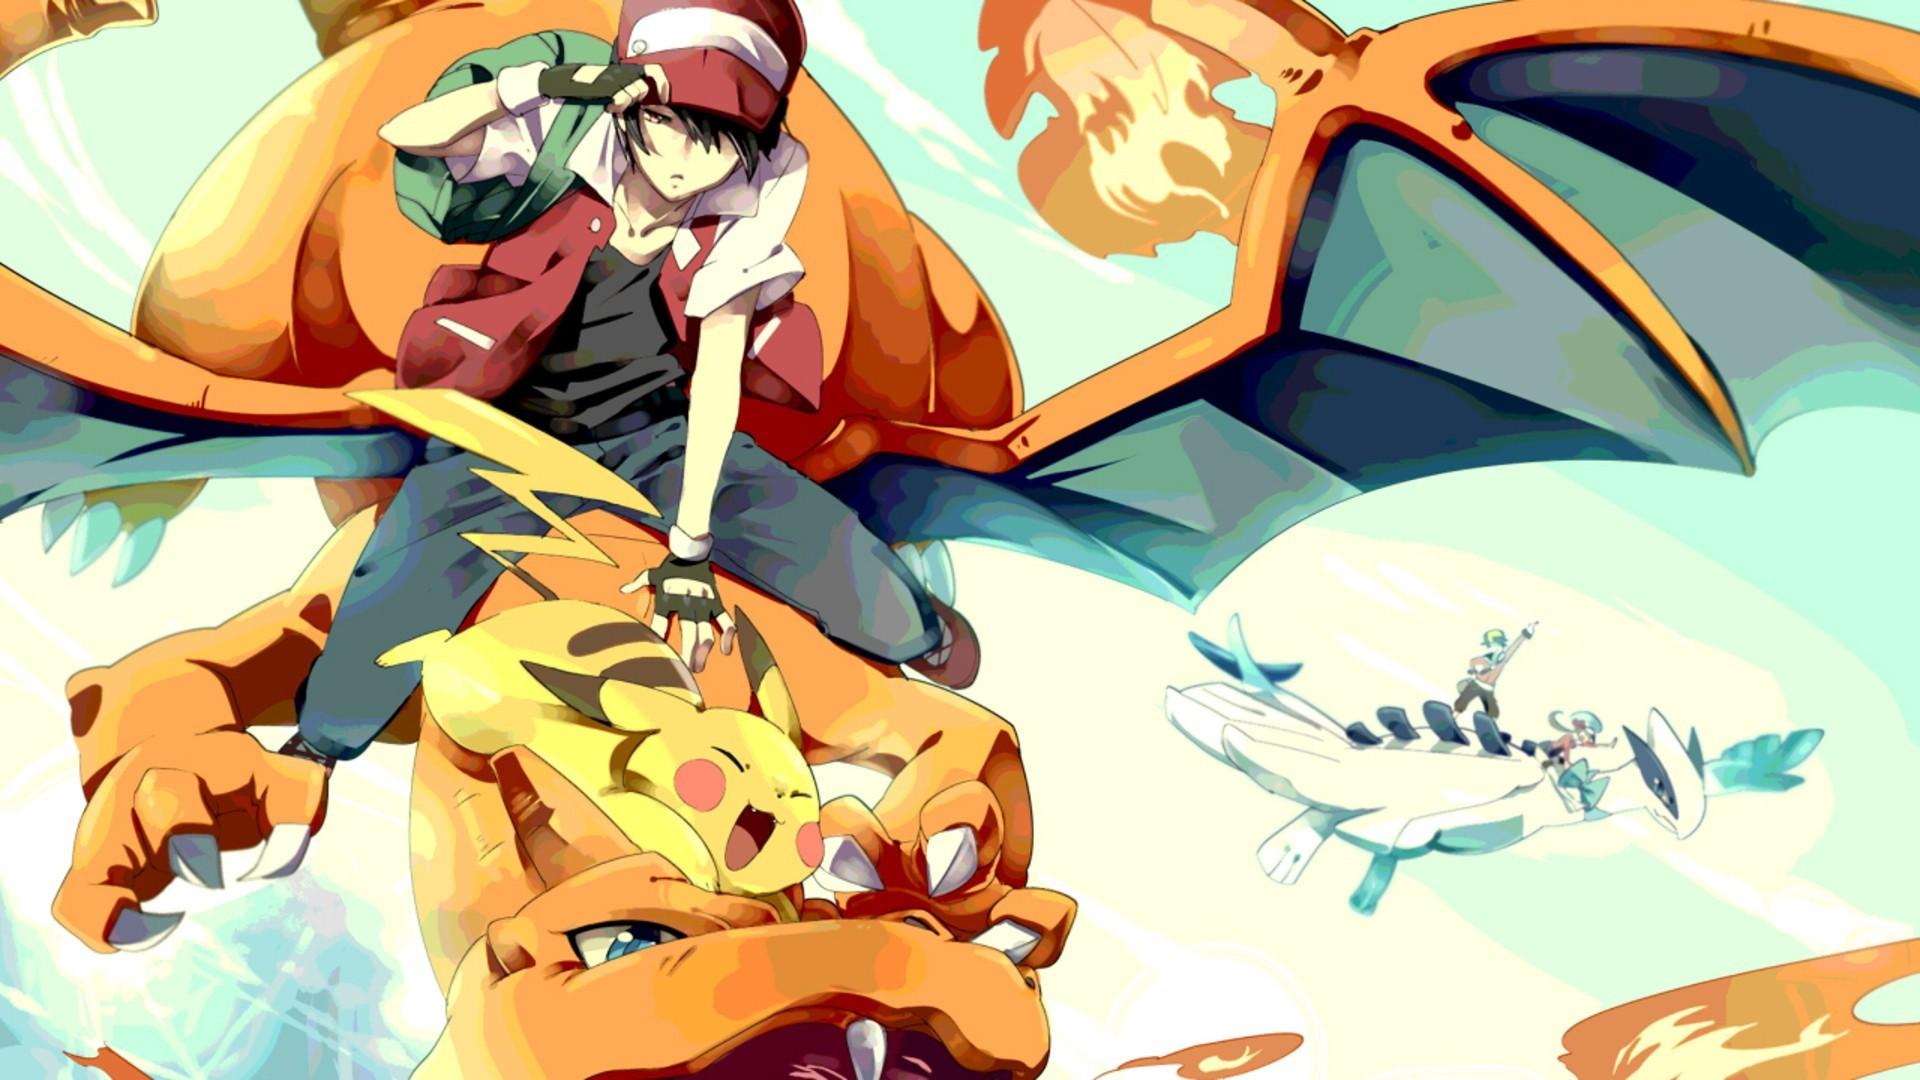 Pokemon Anime Wallpaper 1920x1080